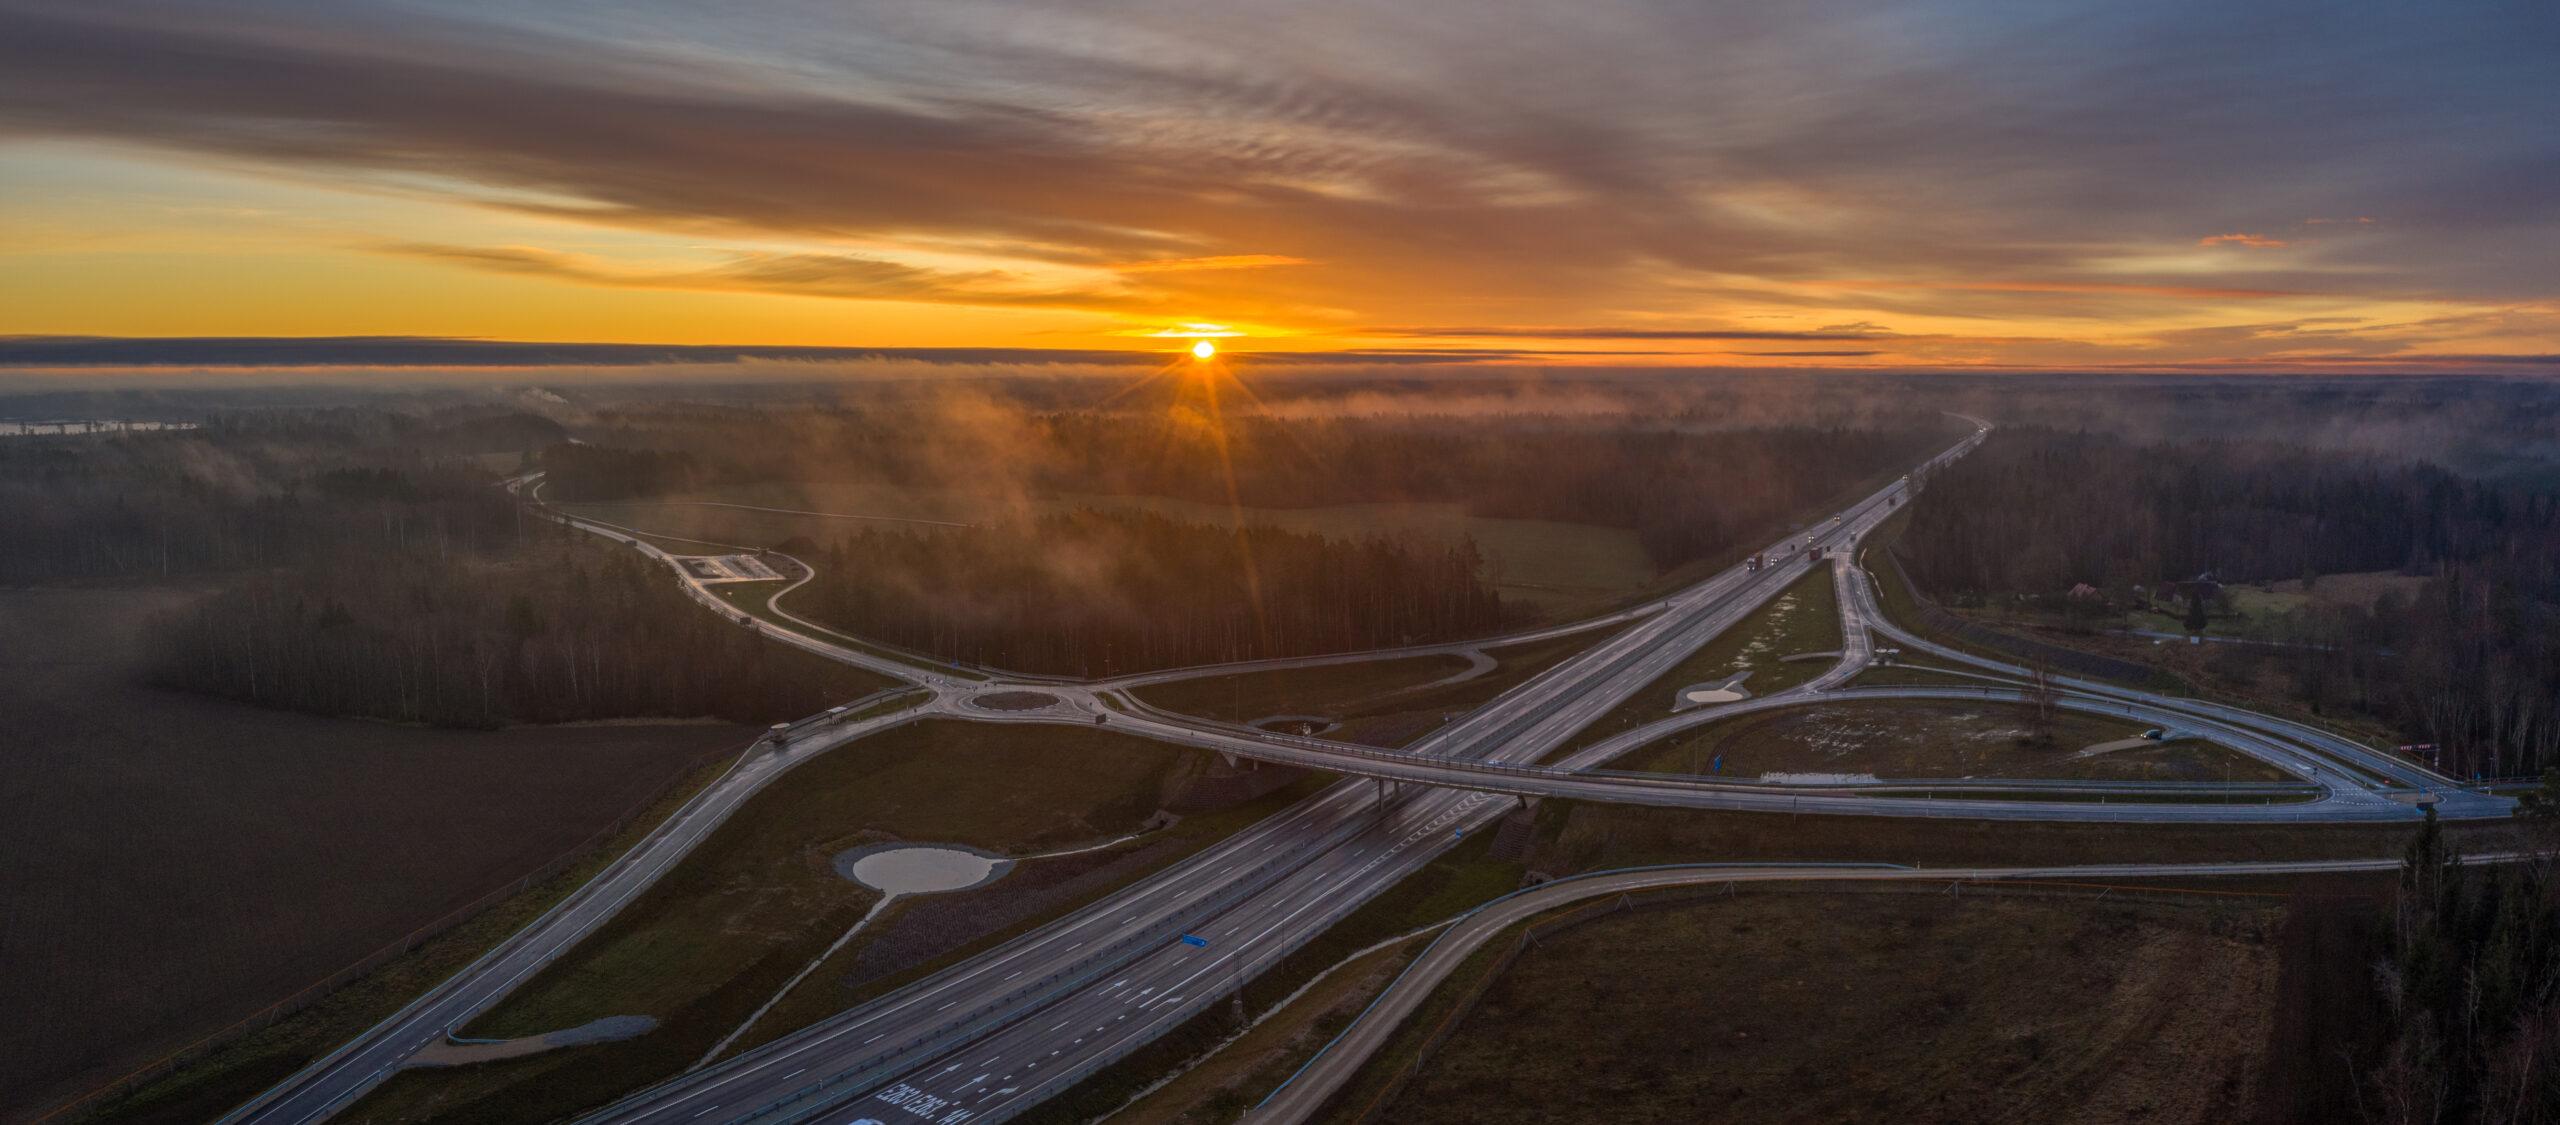 Ardu-Ojasoo liiklussõlm, Kose-Võõbu neljarealine